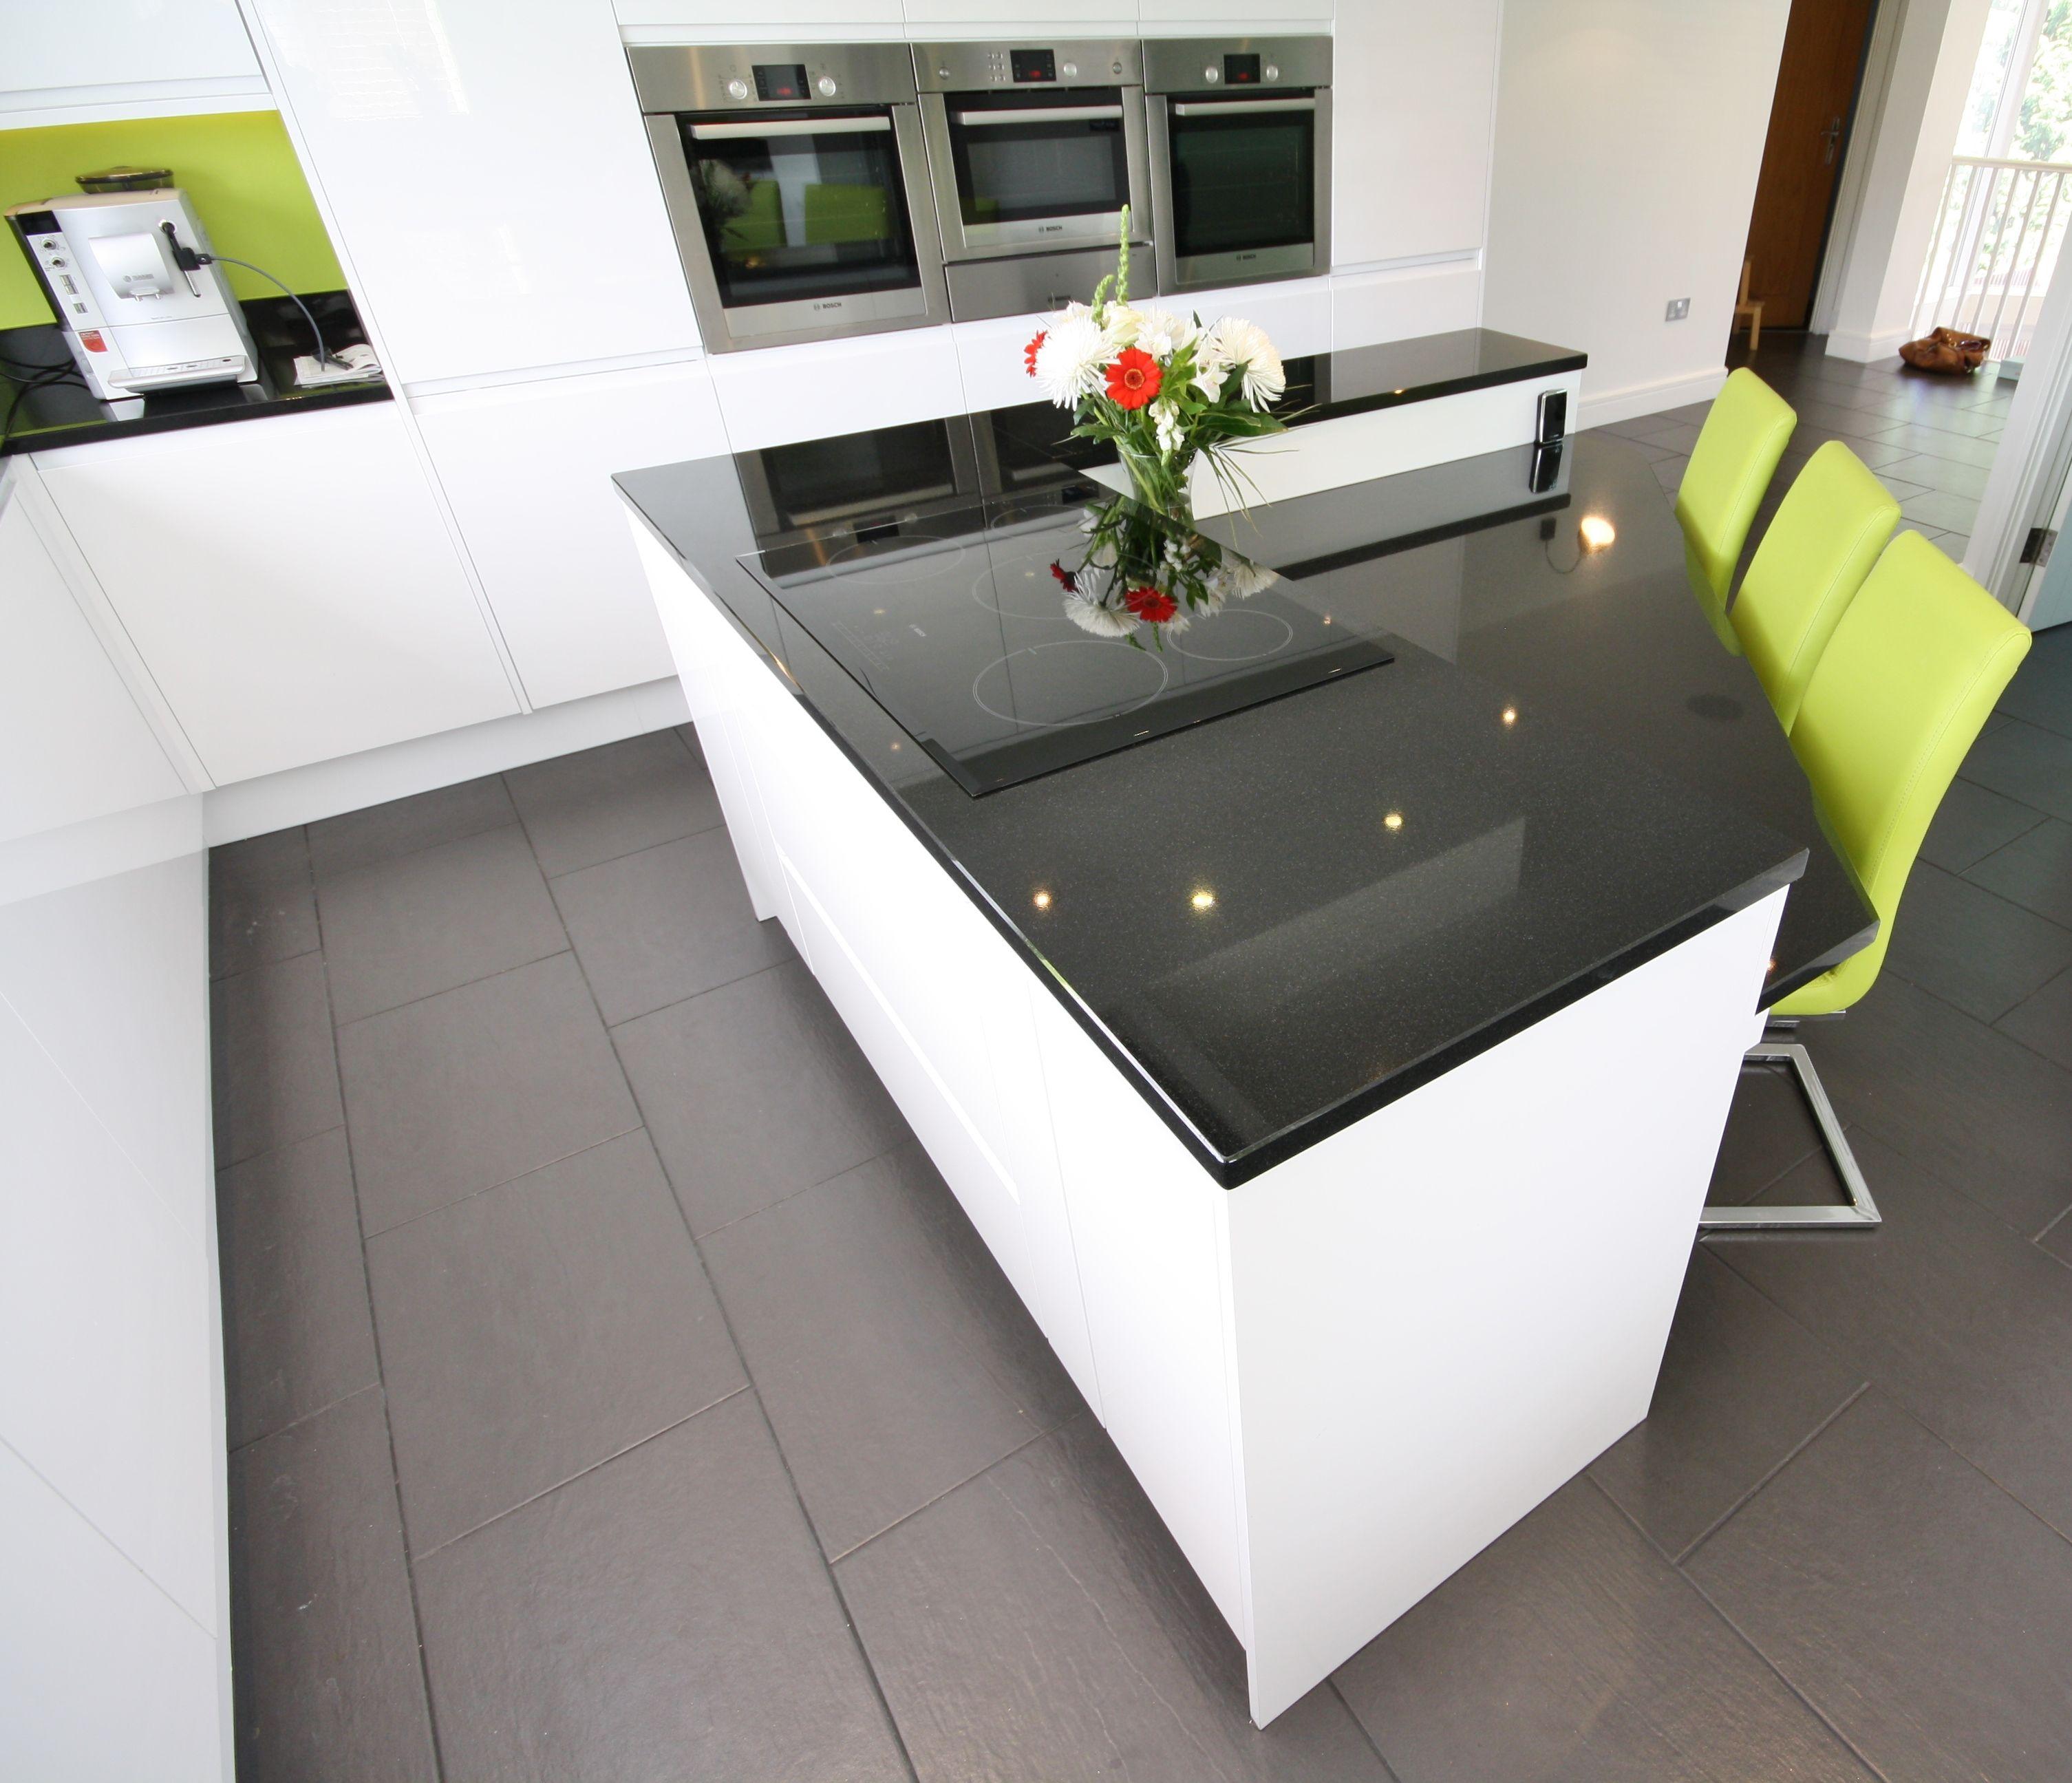 White Kitchen Units Black Worktop second nature - remo white gloss units, black granite worktop and